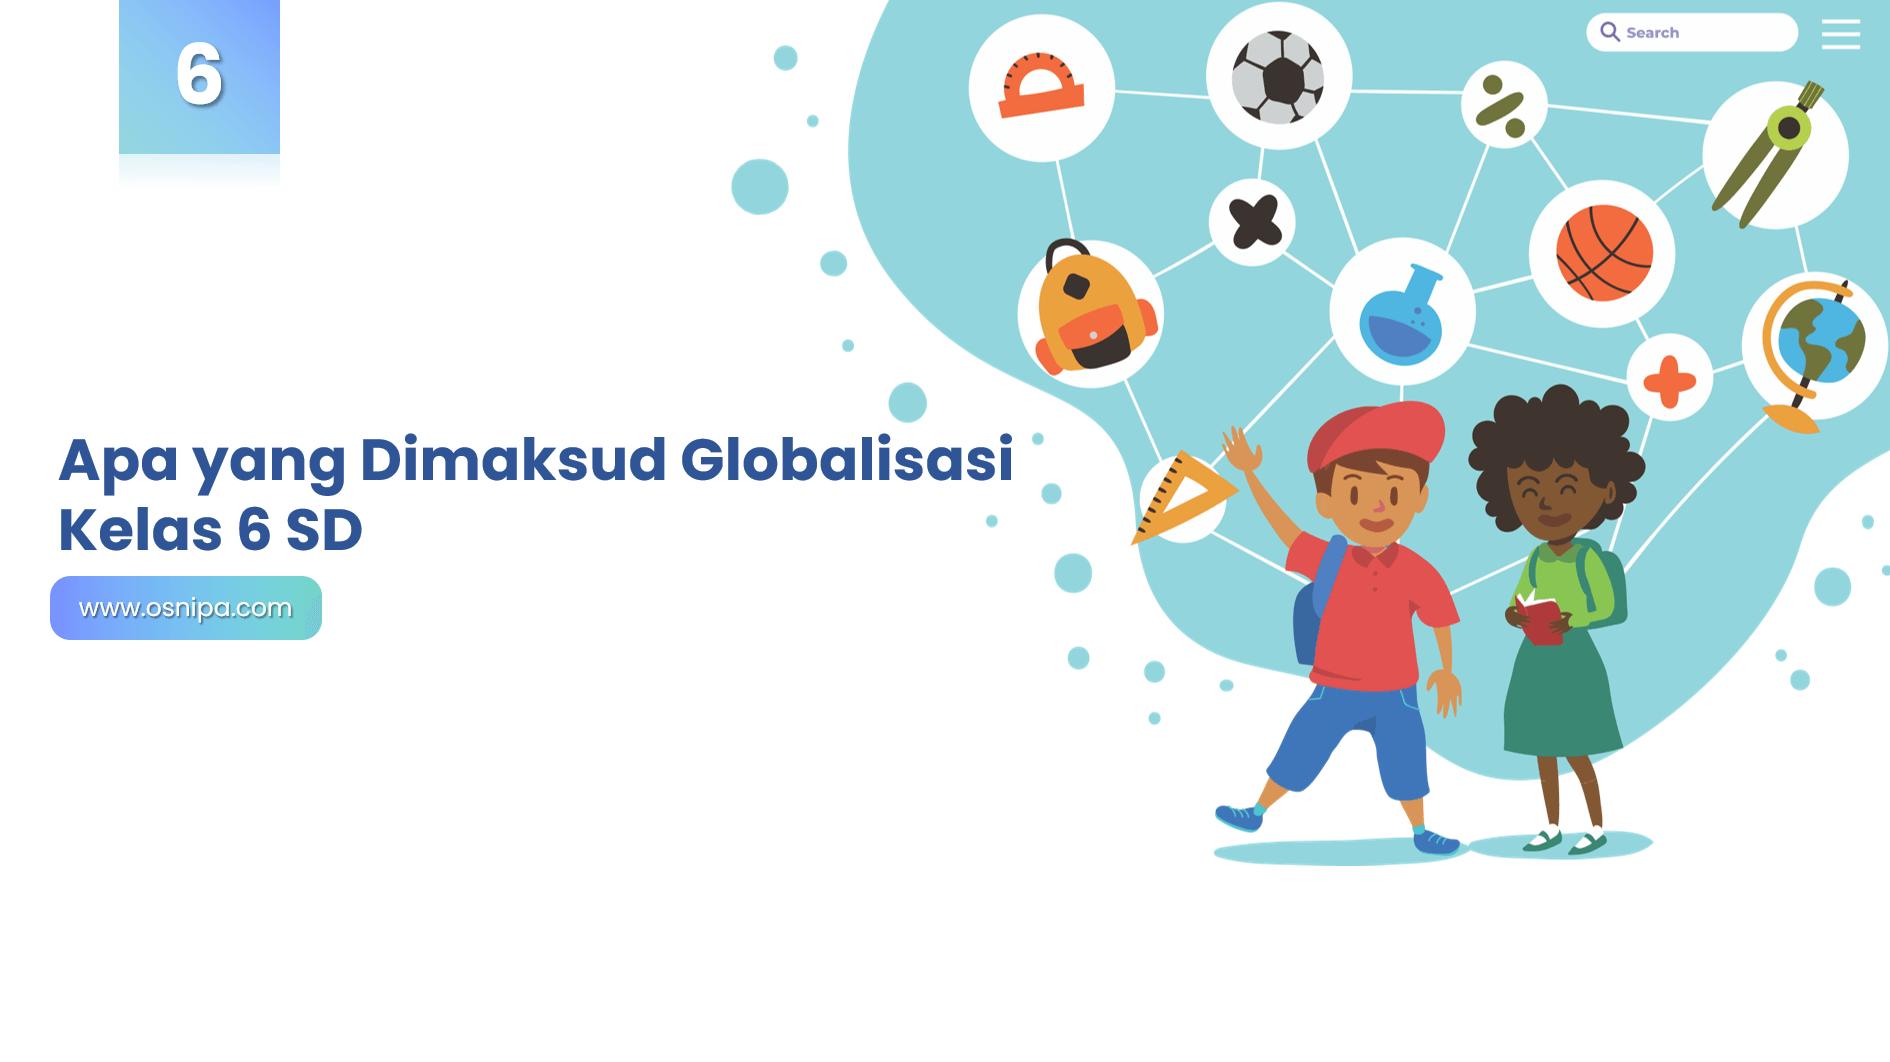 Apa yang Dimaksud Globalisasi Kelas 6 SD